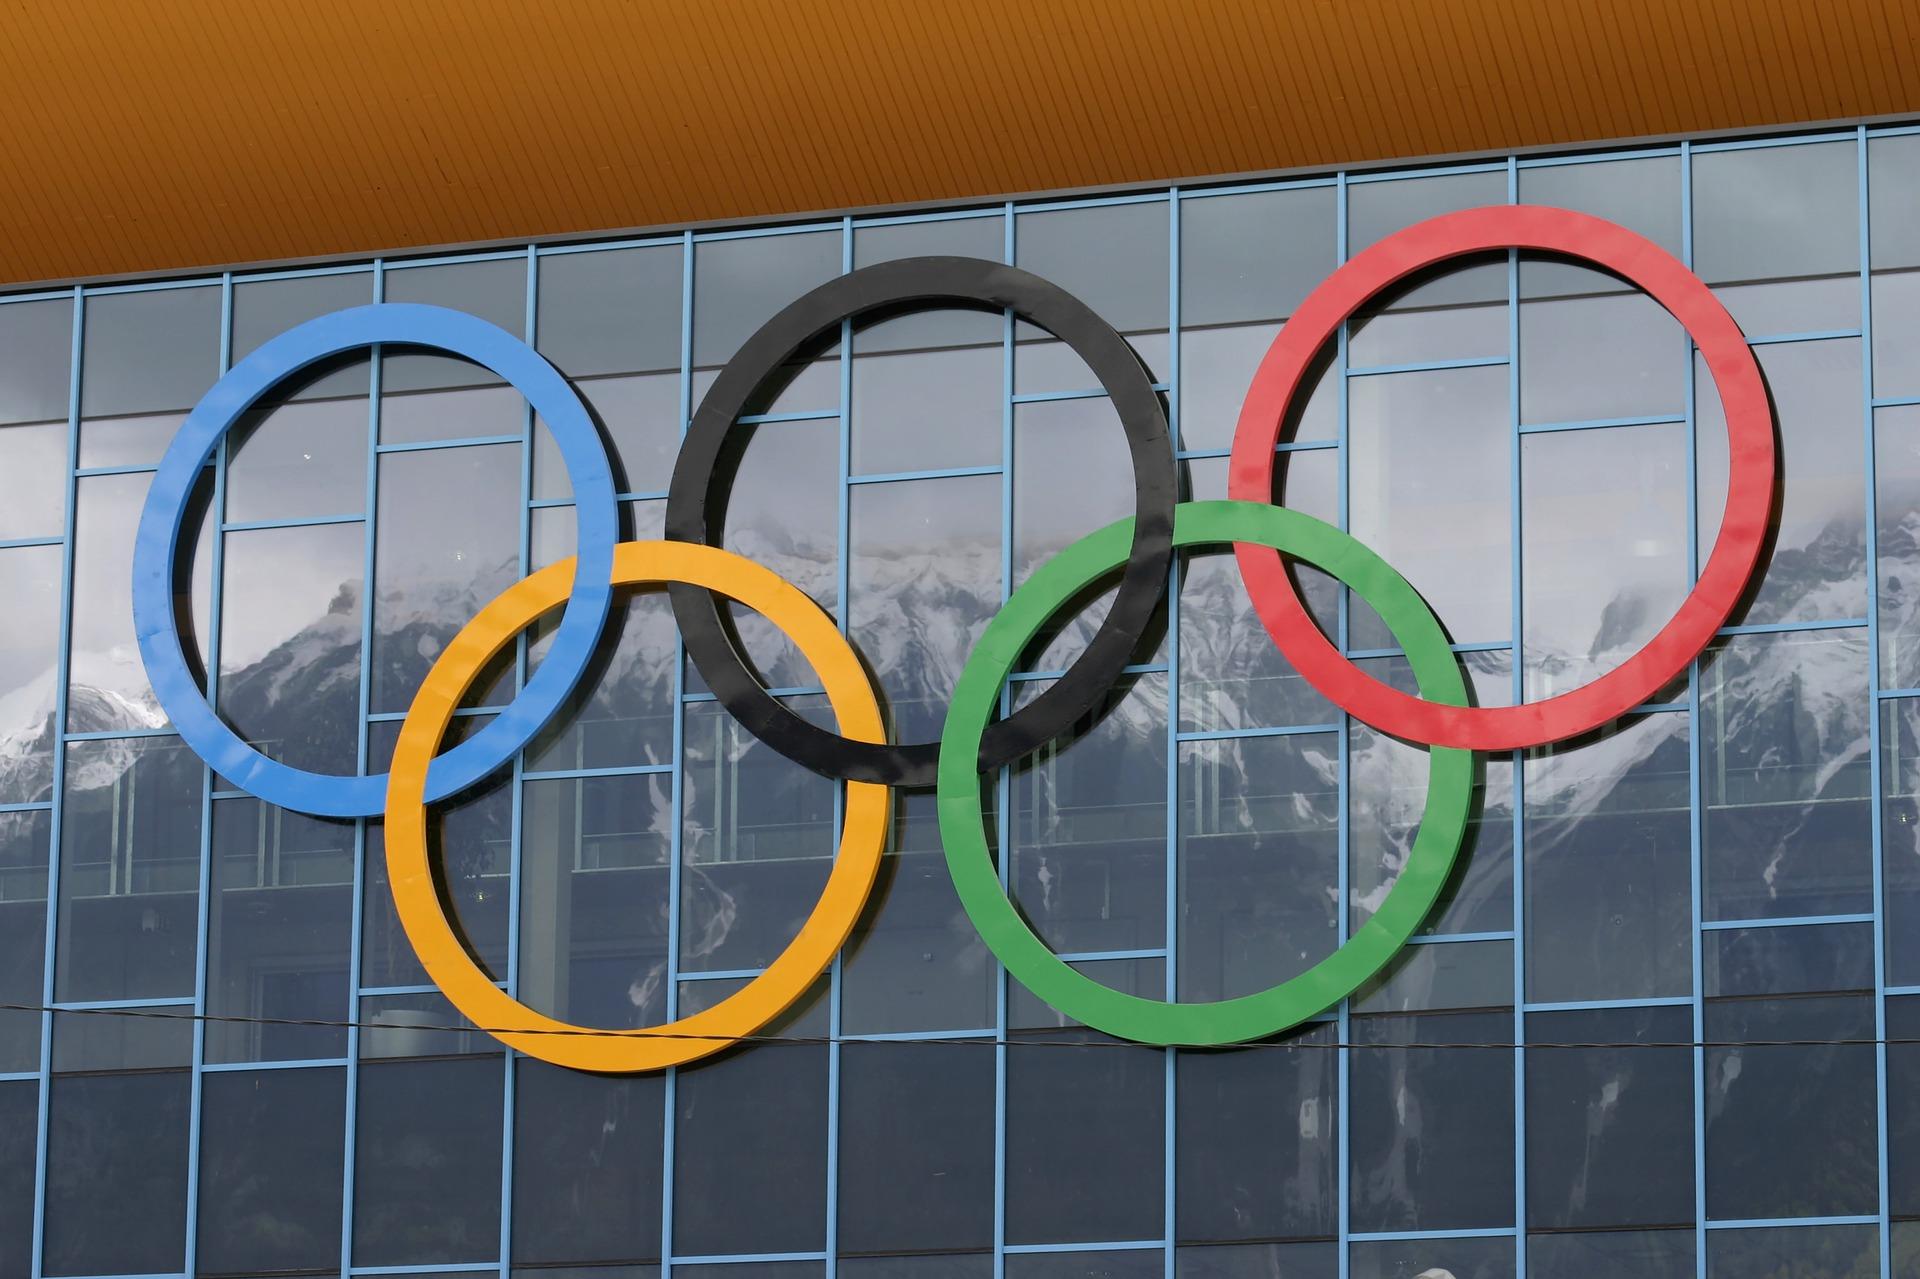 olimpiada igrzyska olimpijskie  - Pixabay